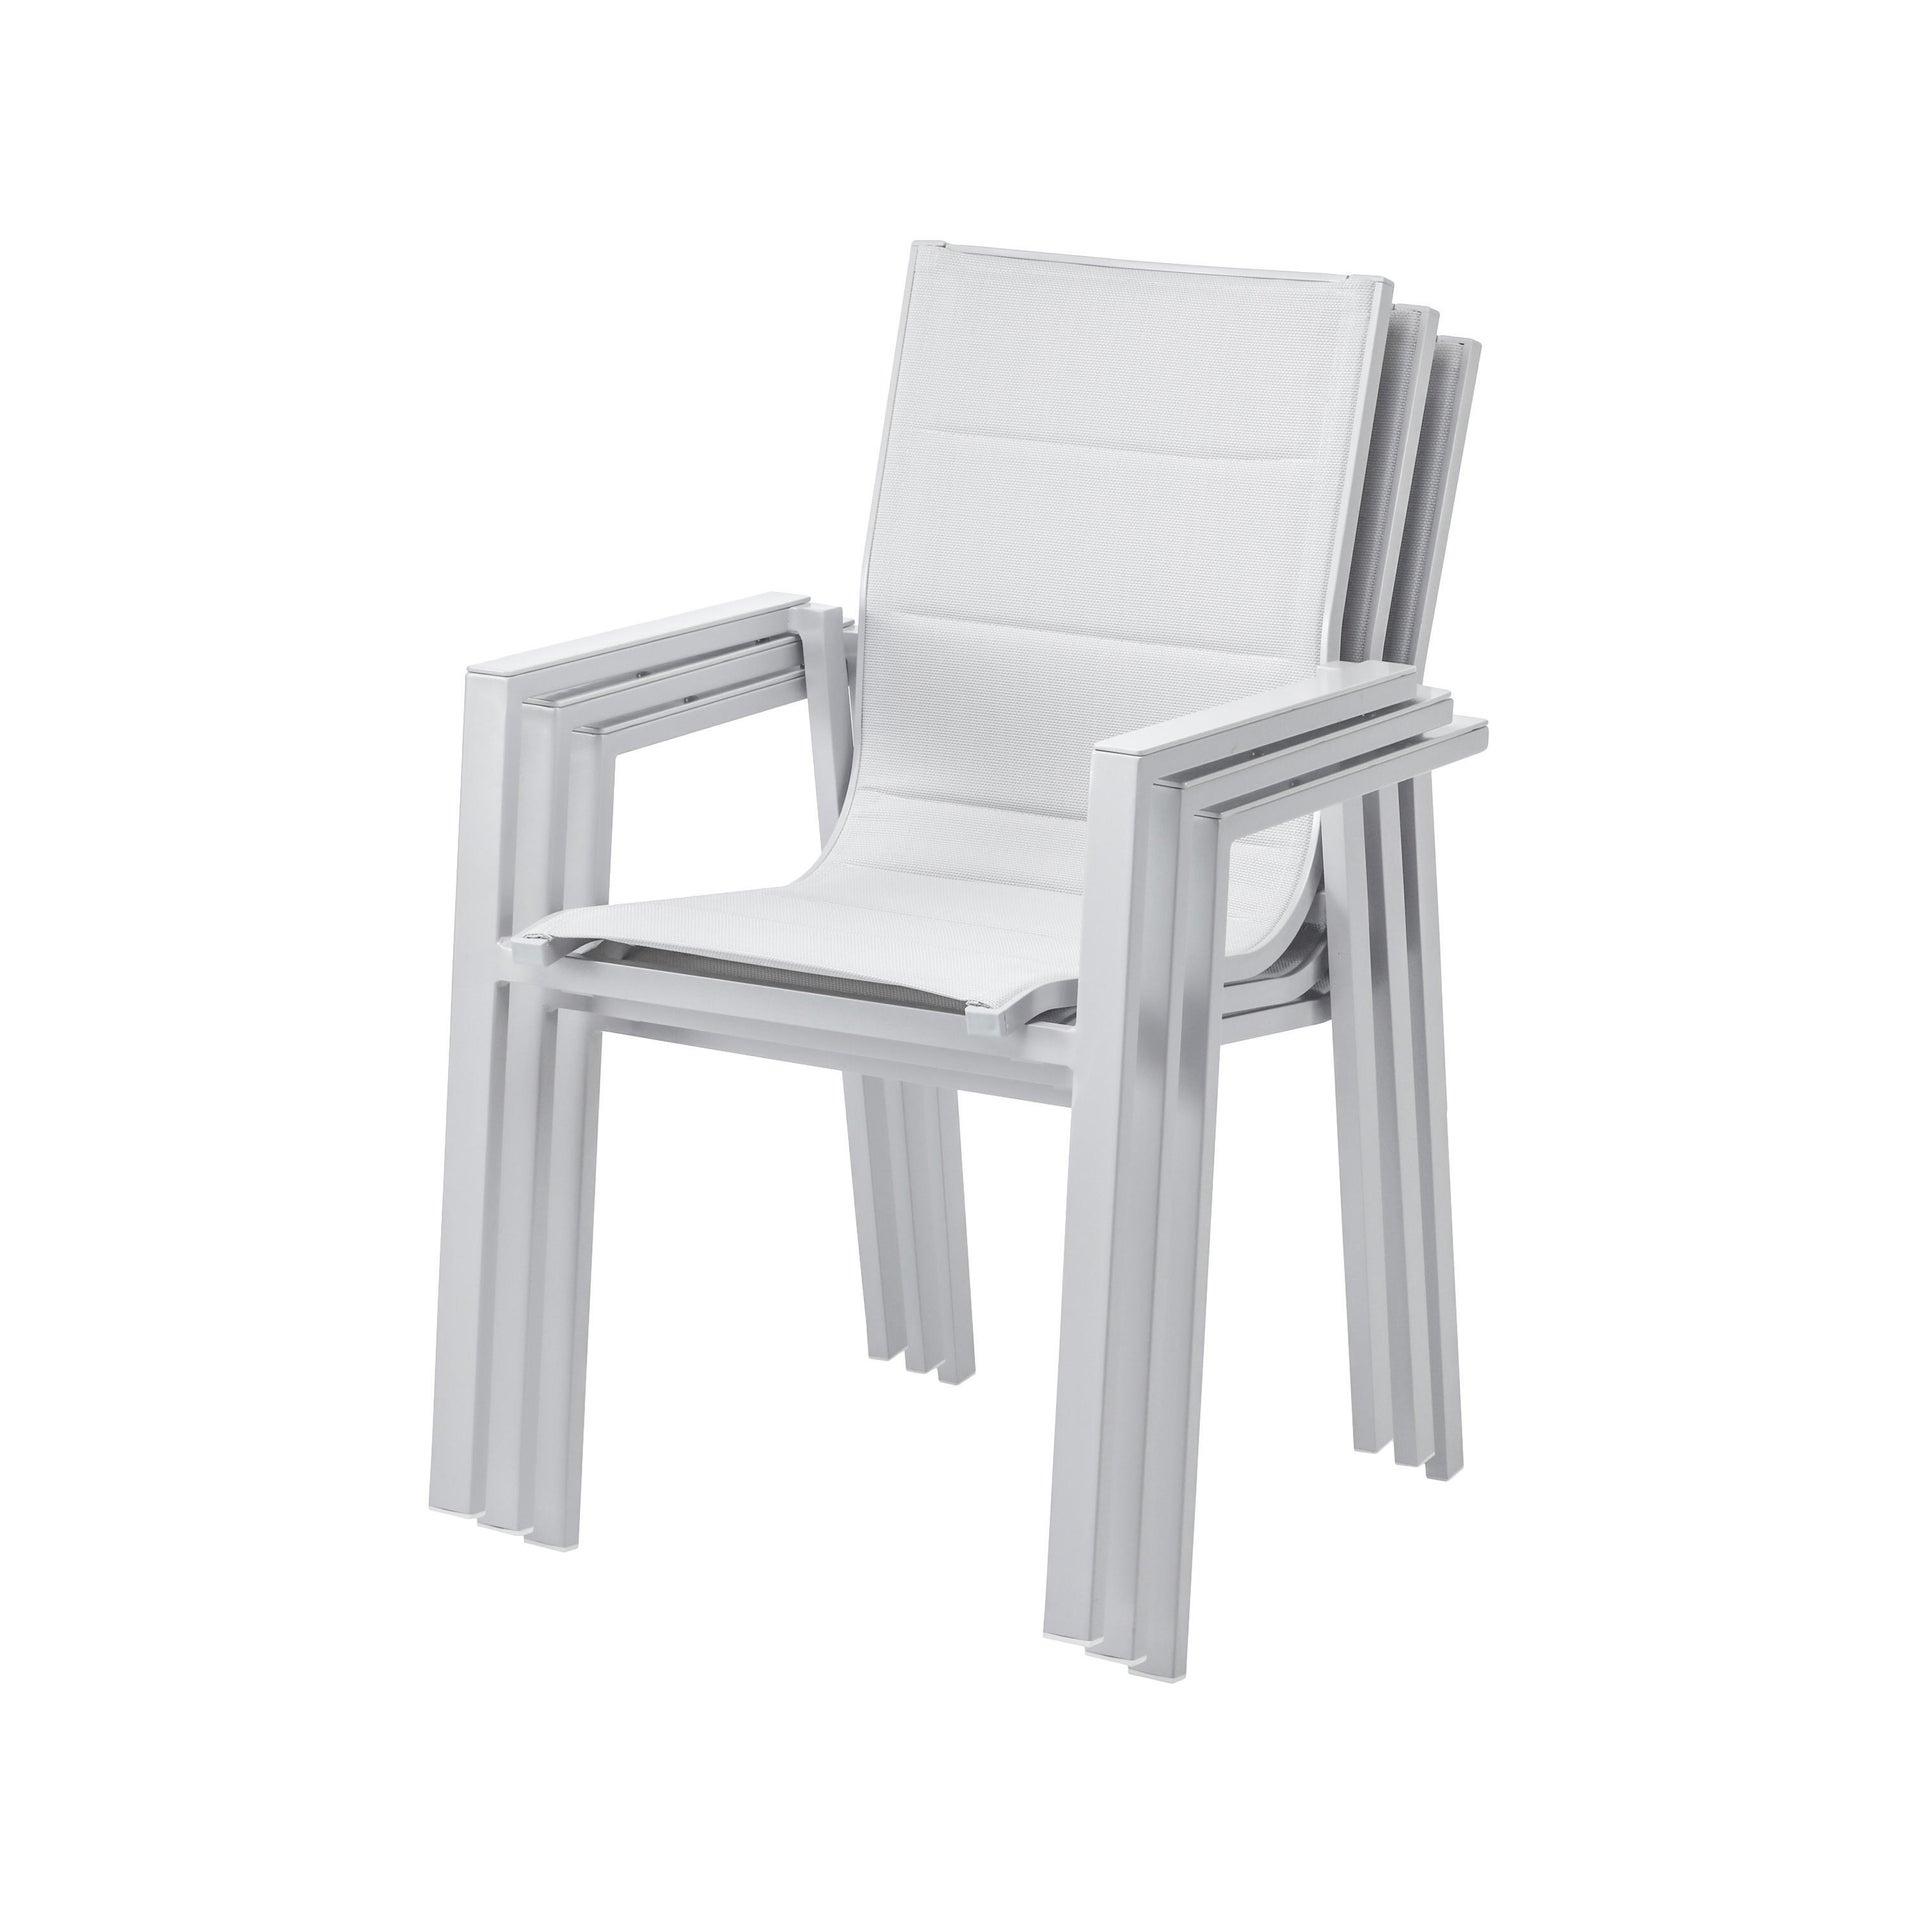 Set tavolo e sedie Odyssea in alluminio grigio / argento 8 posti - 2